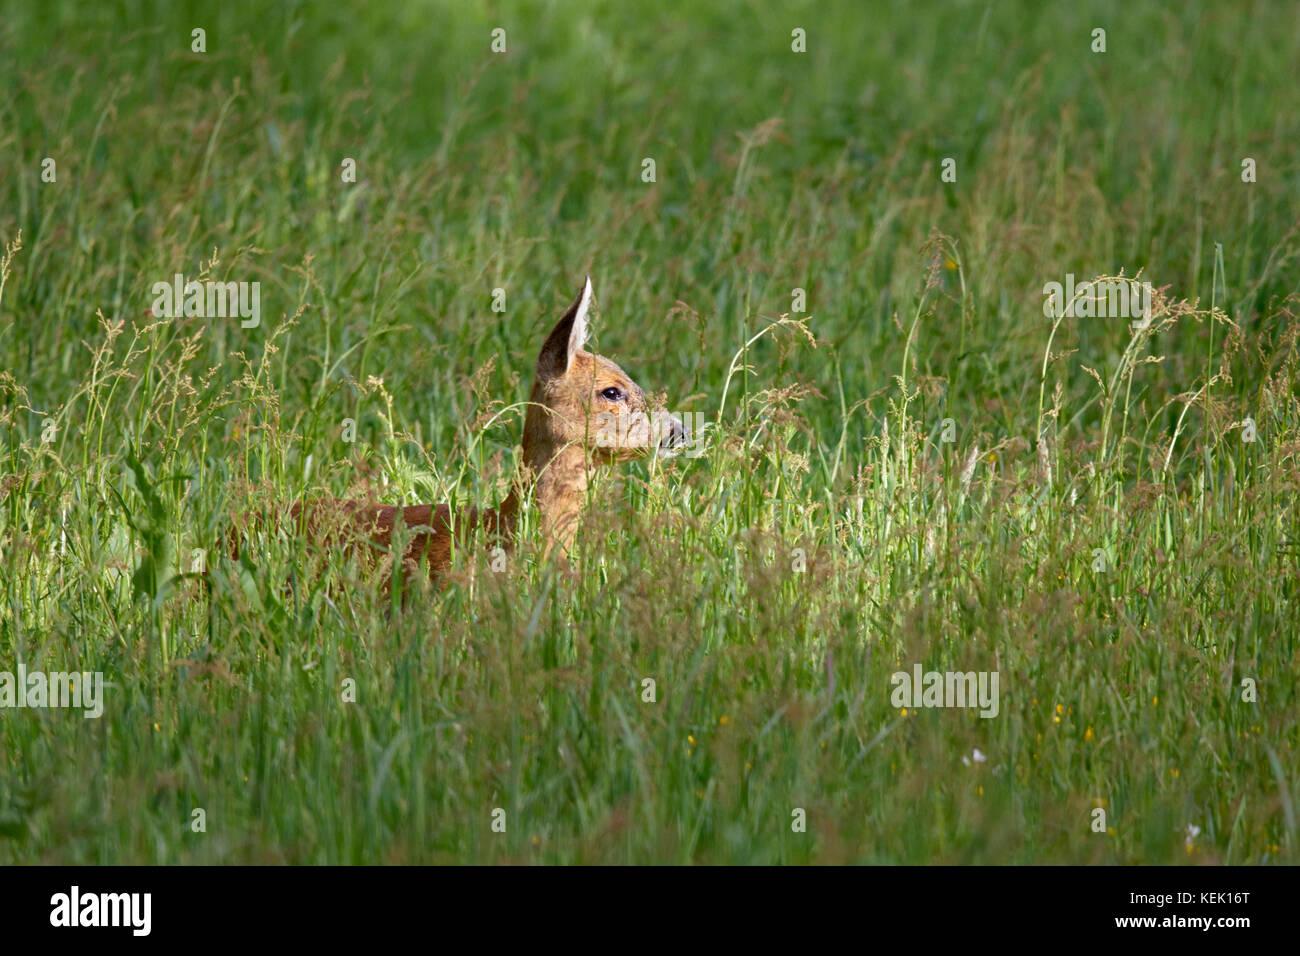 Roe deer (Capreolus capreolus), Schleswig-Holstein, Germany, Europe - Stock Image